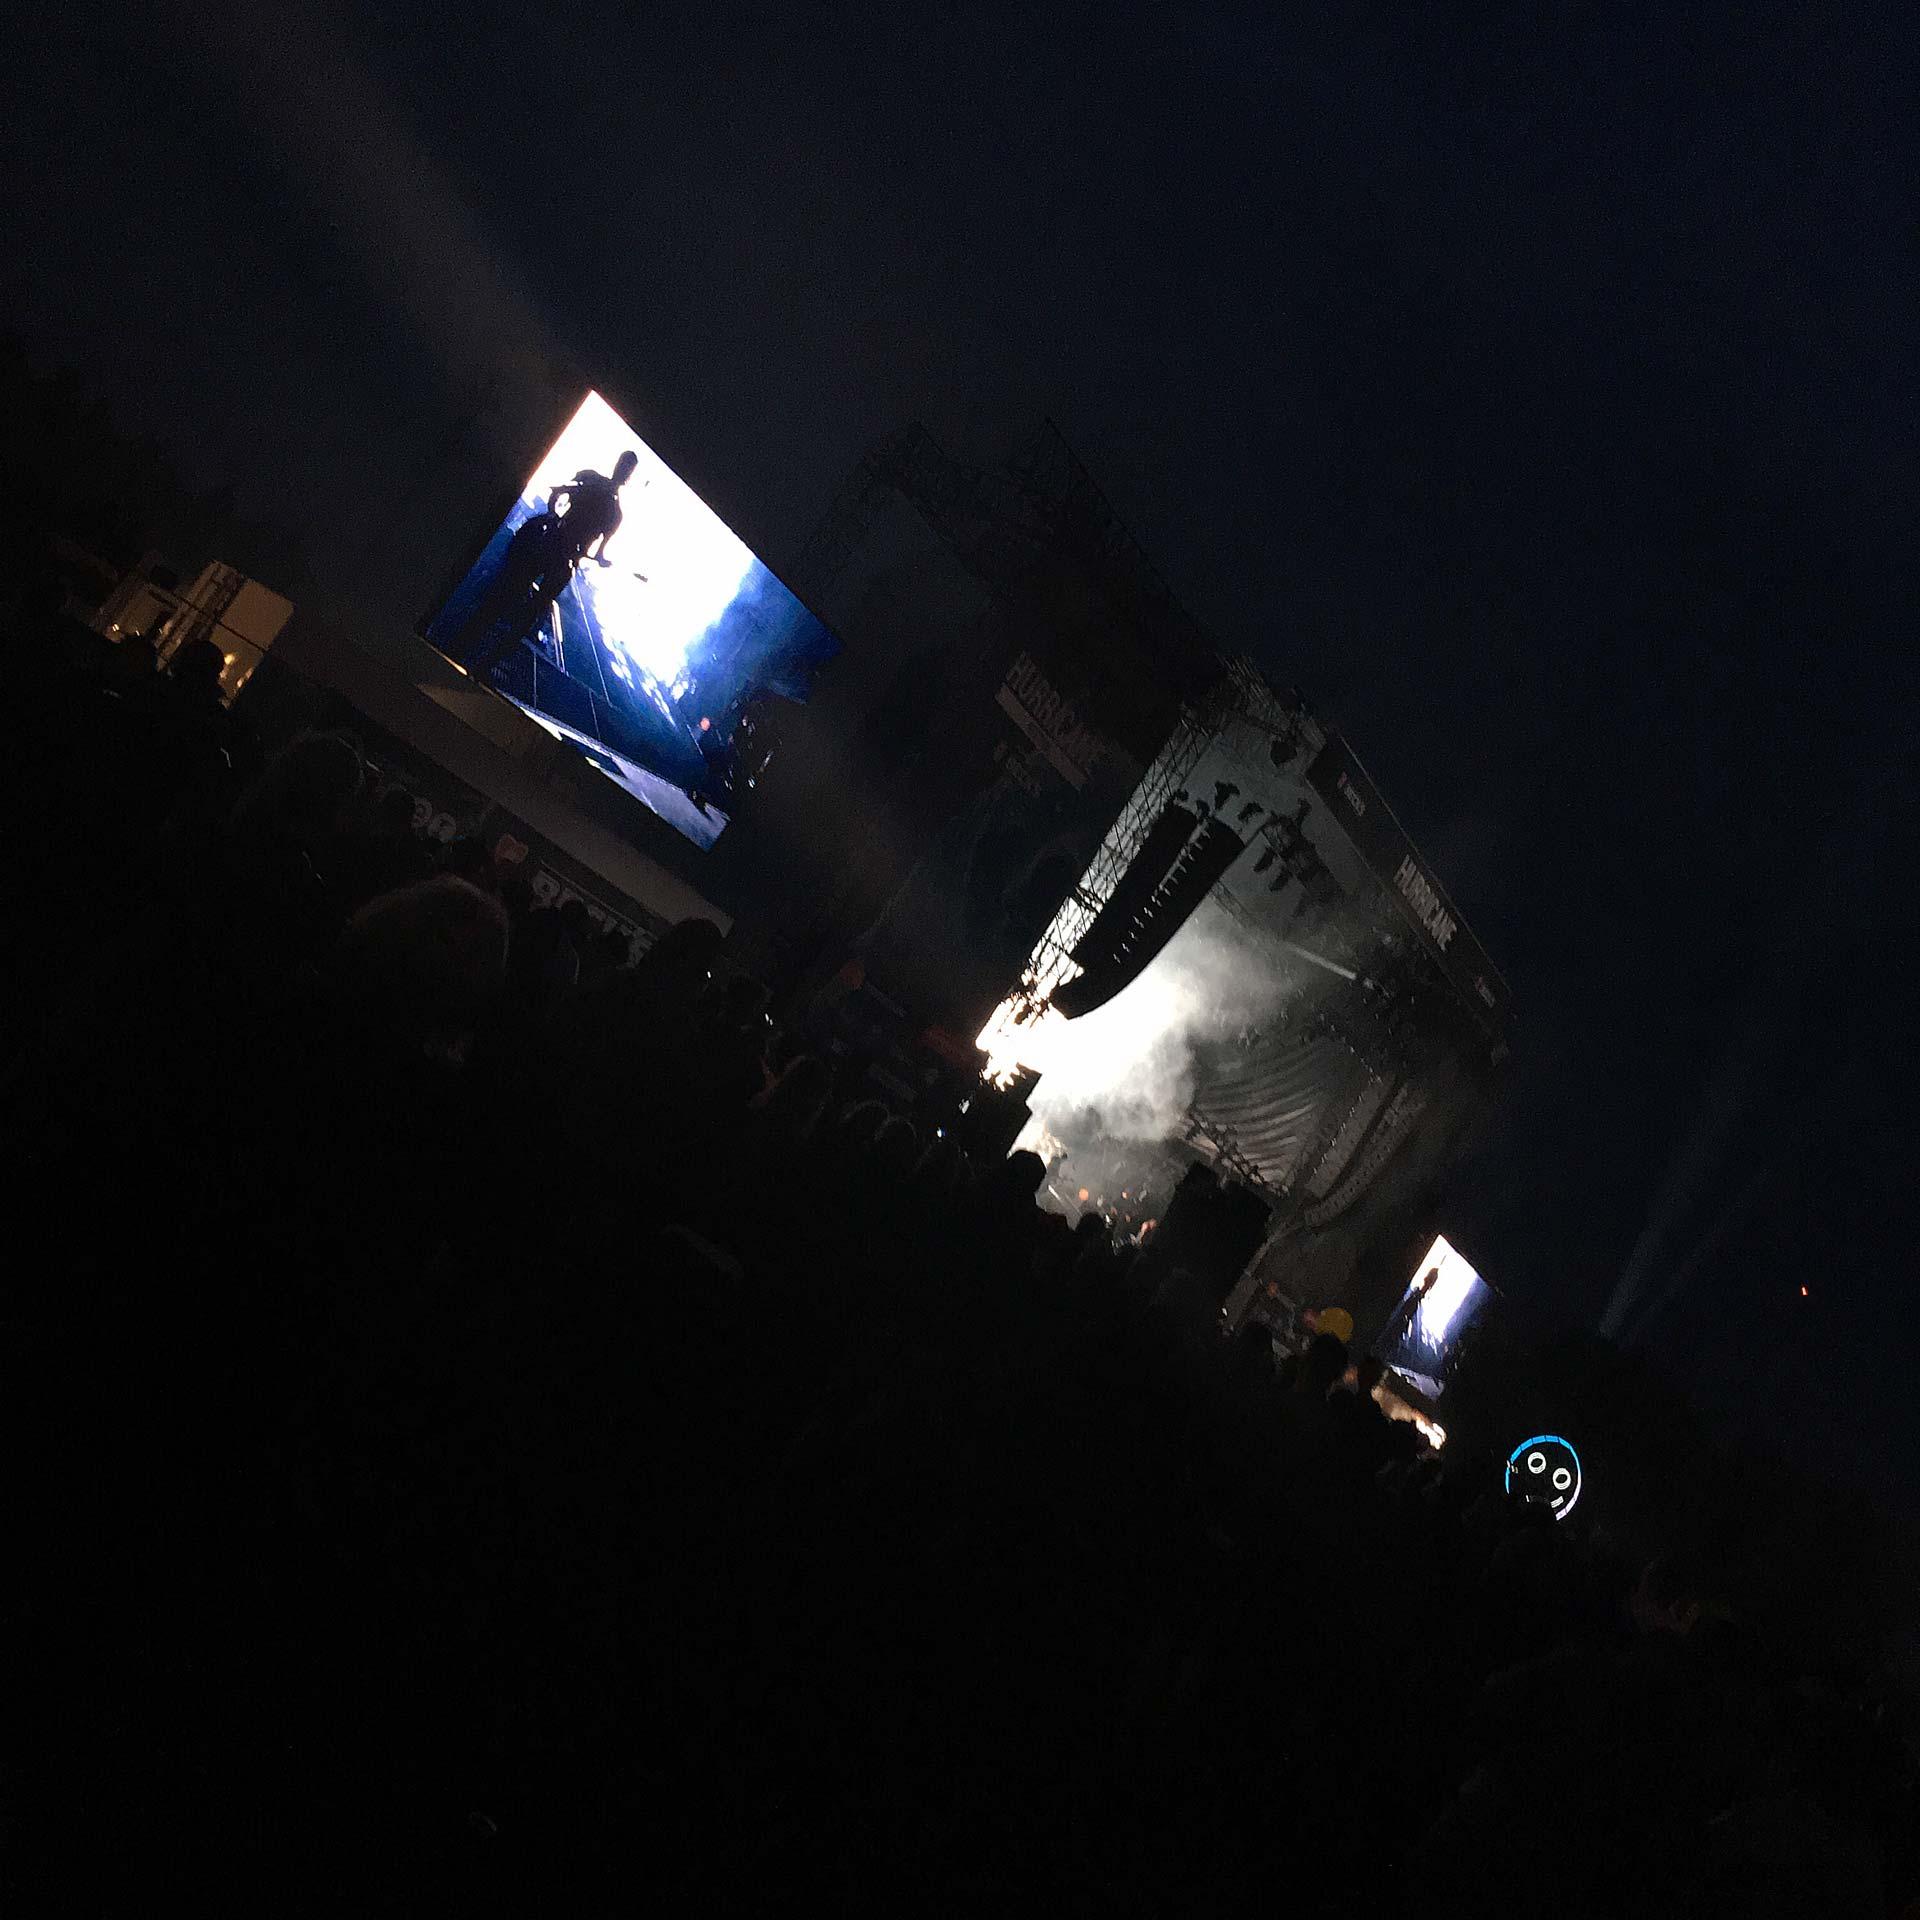 Hurricane Festival 2017: Casper